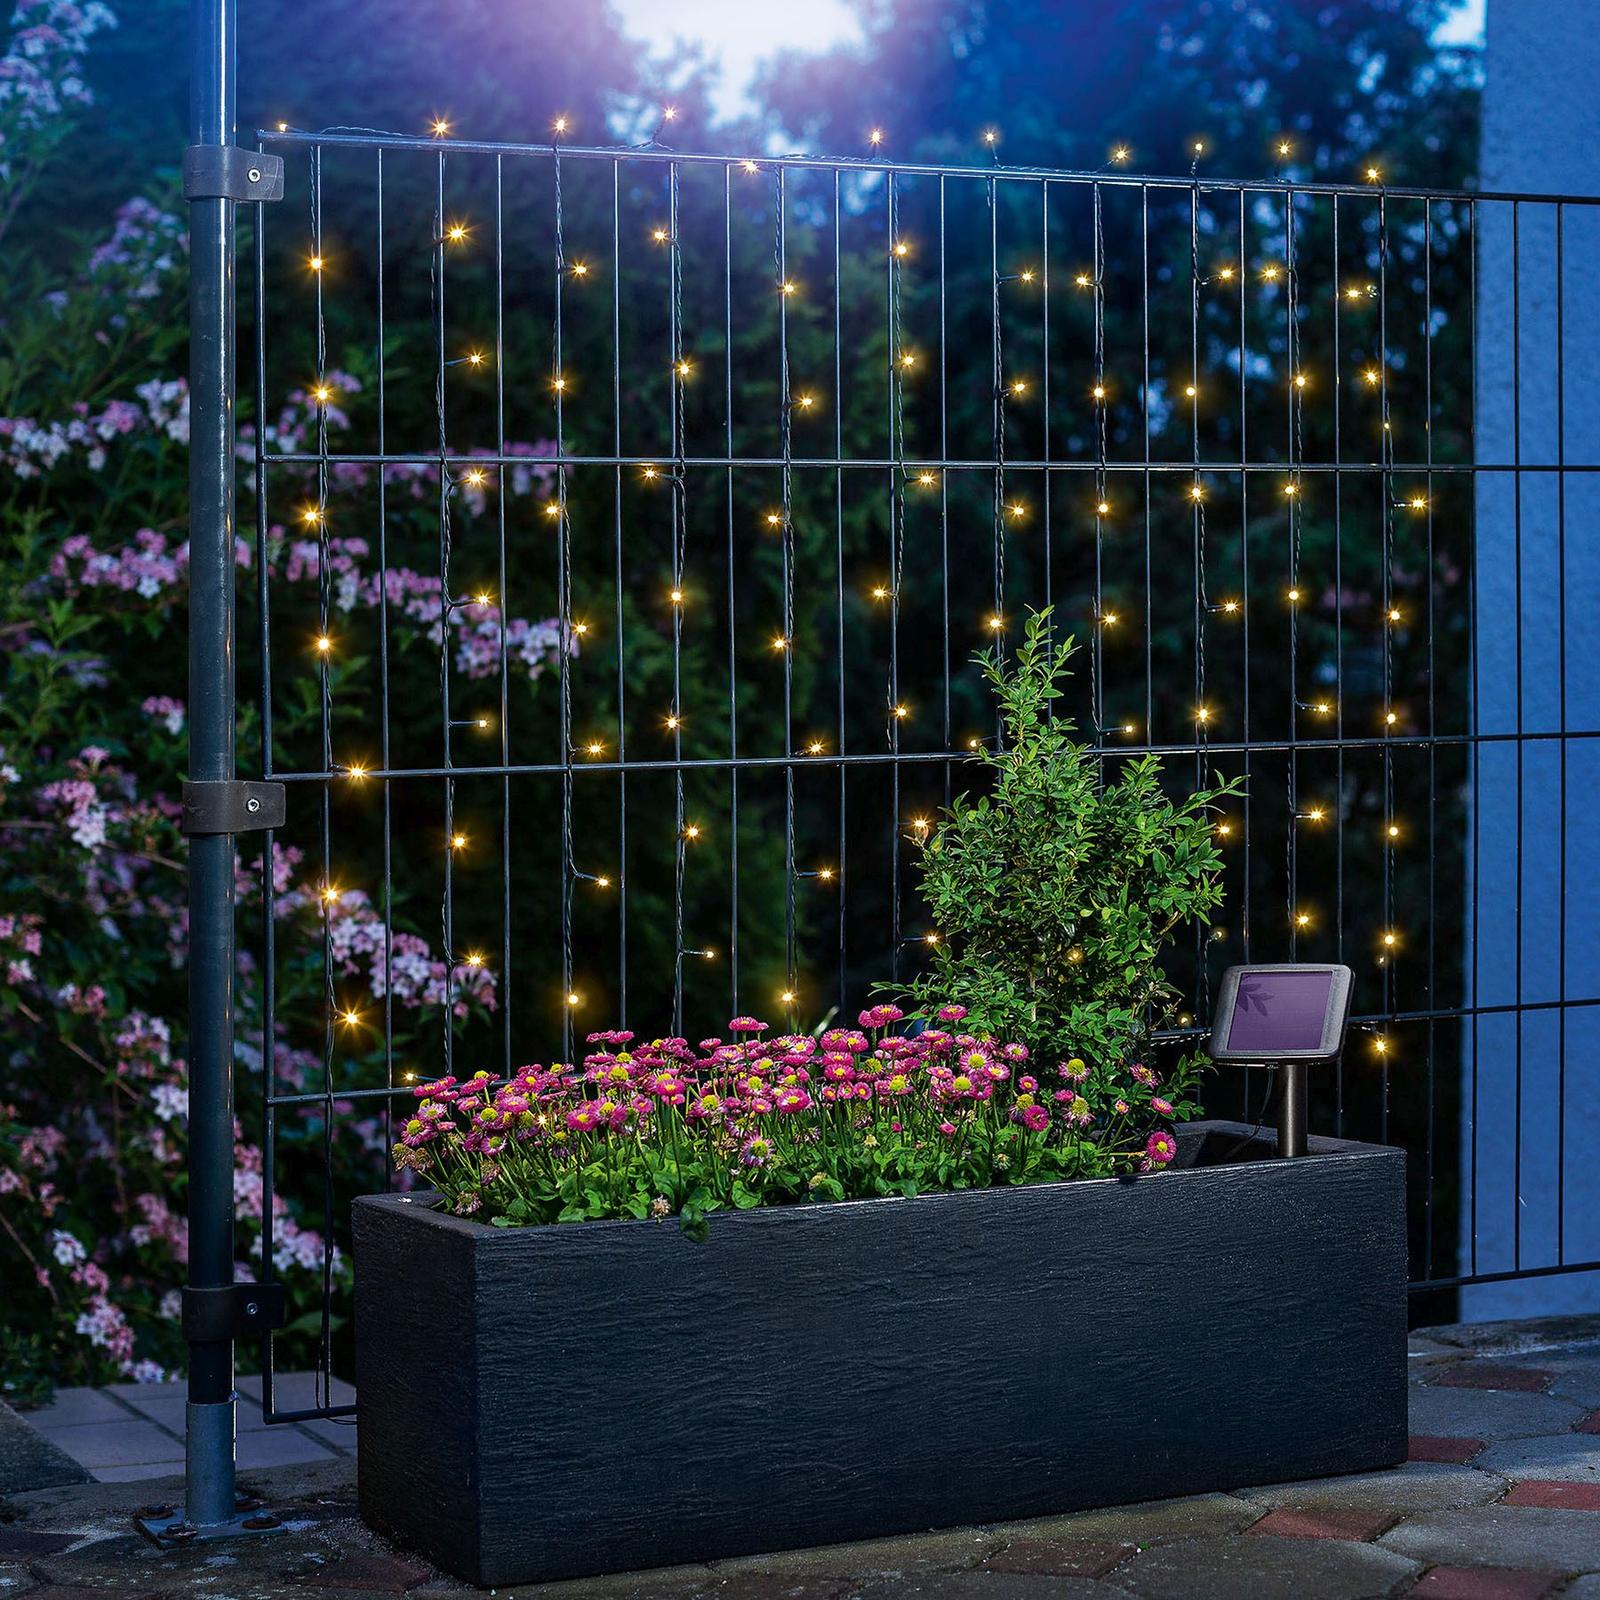 LED solcellsljusslinga Premium 100 lysdioder